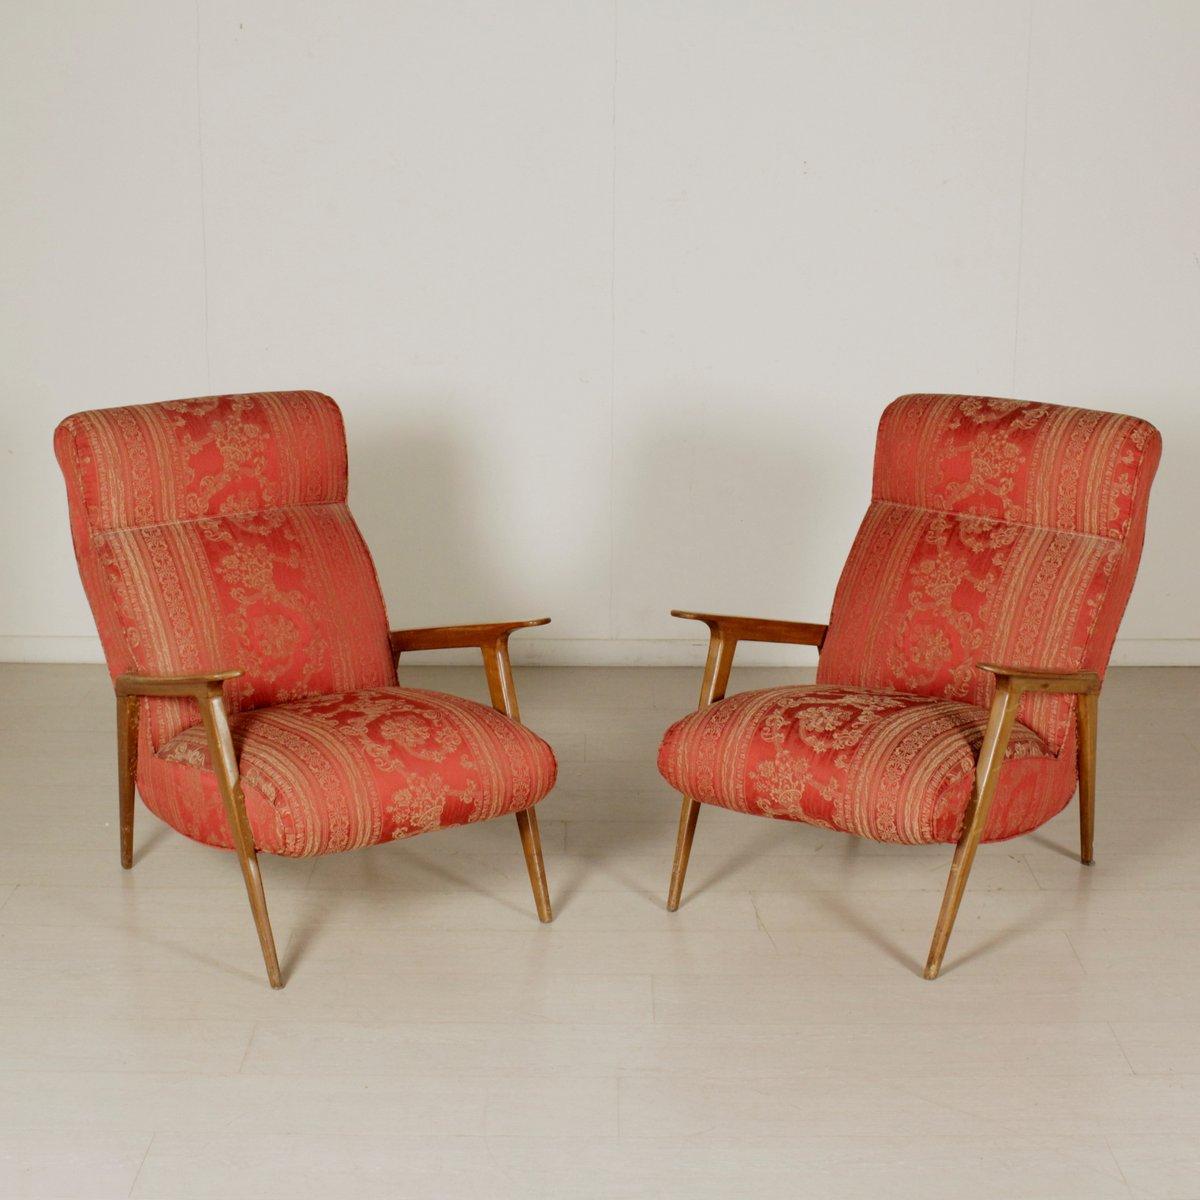 vintage buchenholz sessel 1950er 2er set bei pamono kaufen. Black Bedroom Furniture Sets. Home Design Ideas